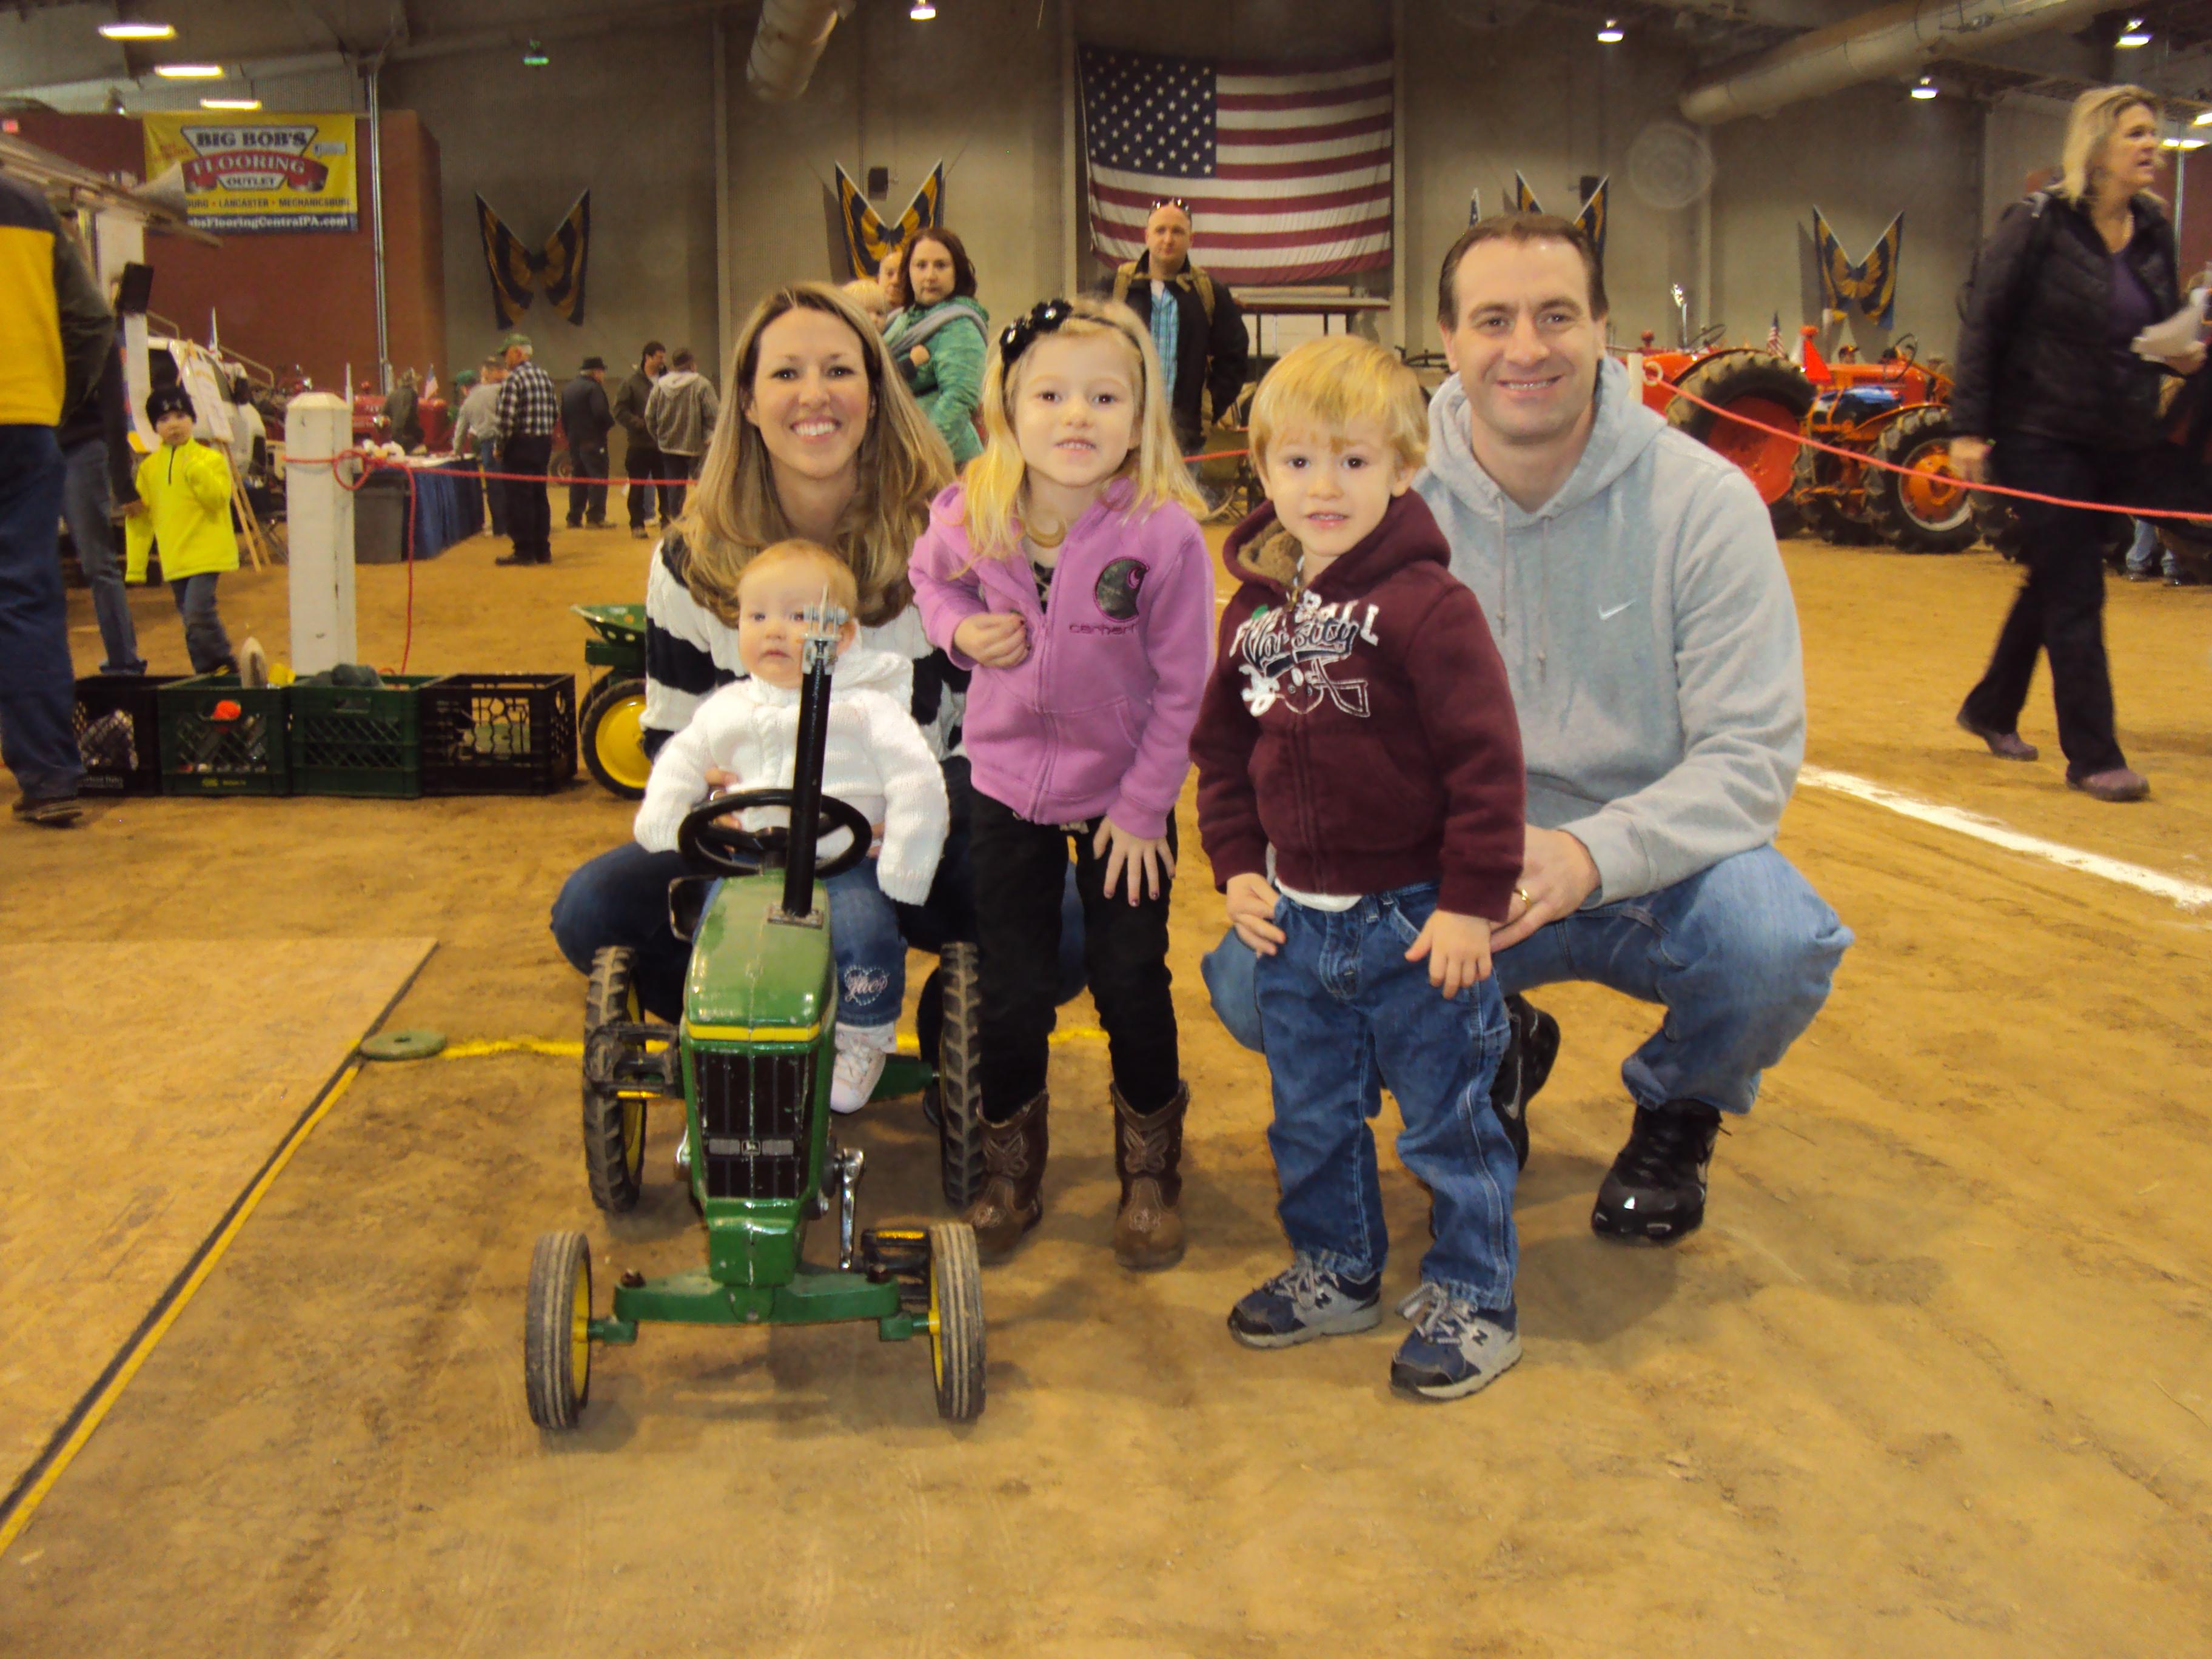 John Deere Family